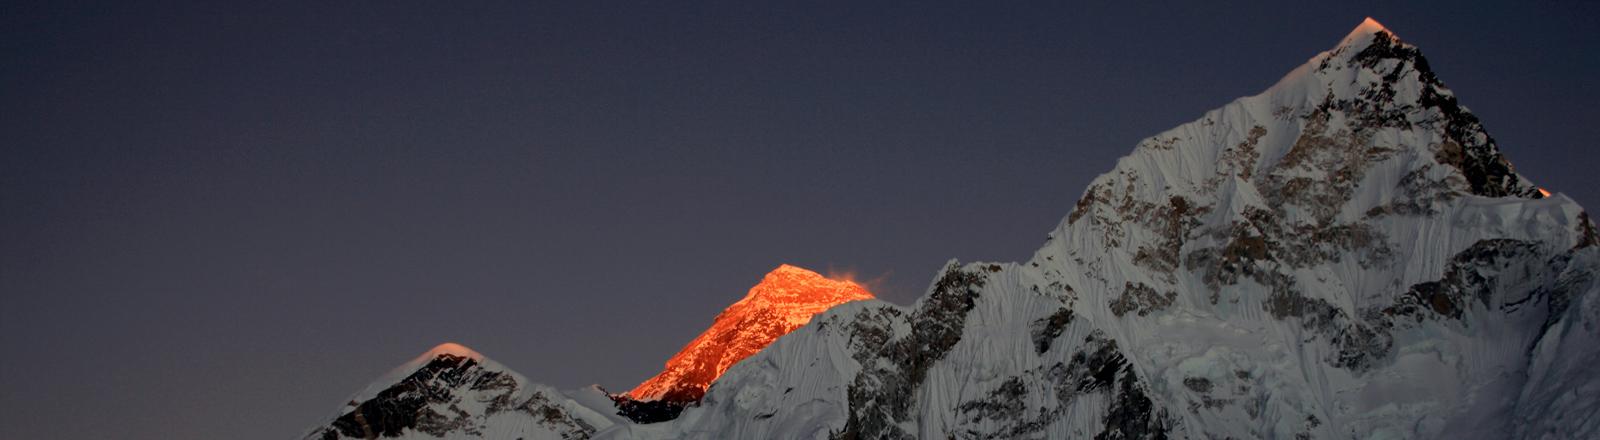 Ein Blick ins Himalaya-Gebirge mit einem rötlich angeleuchteten Gipfel.